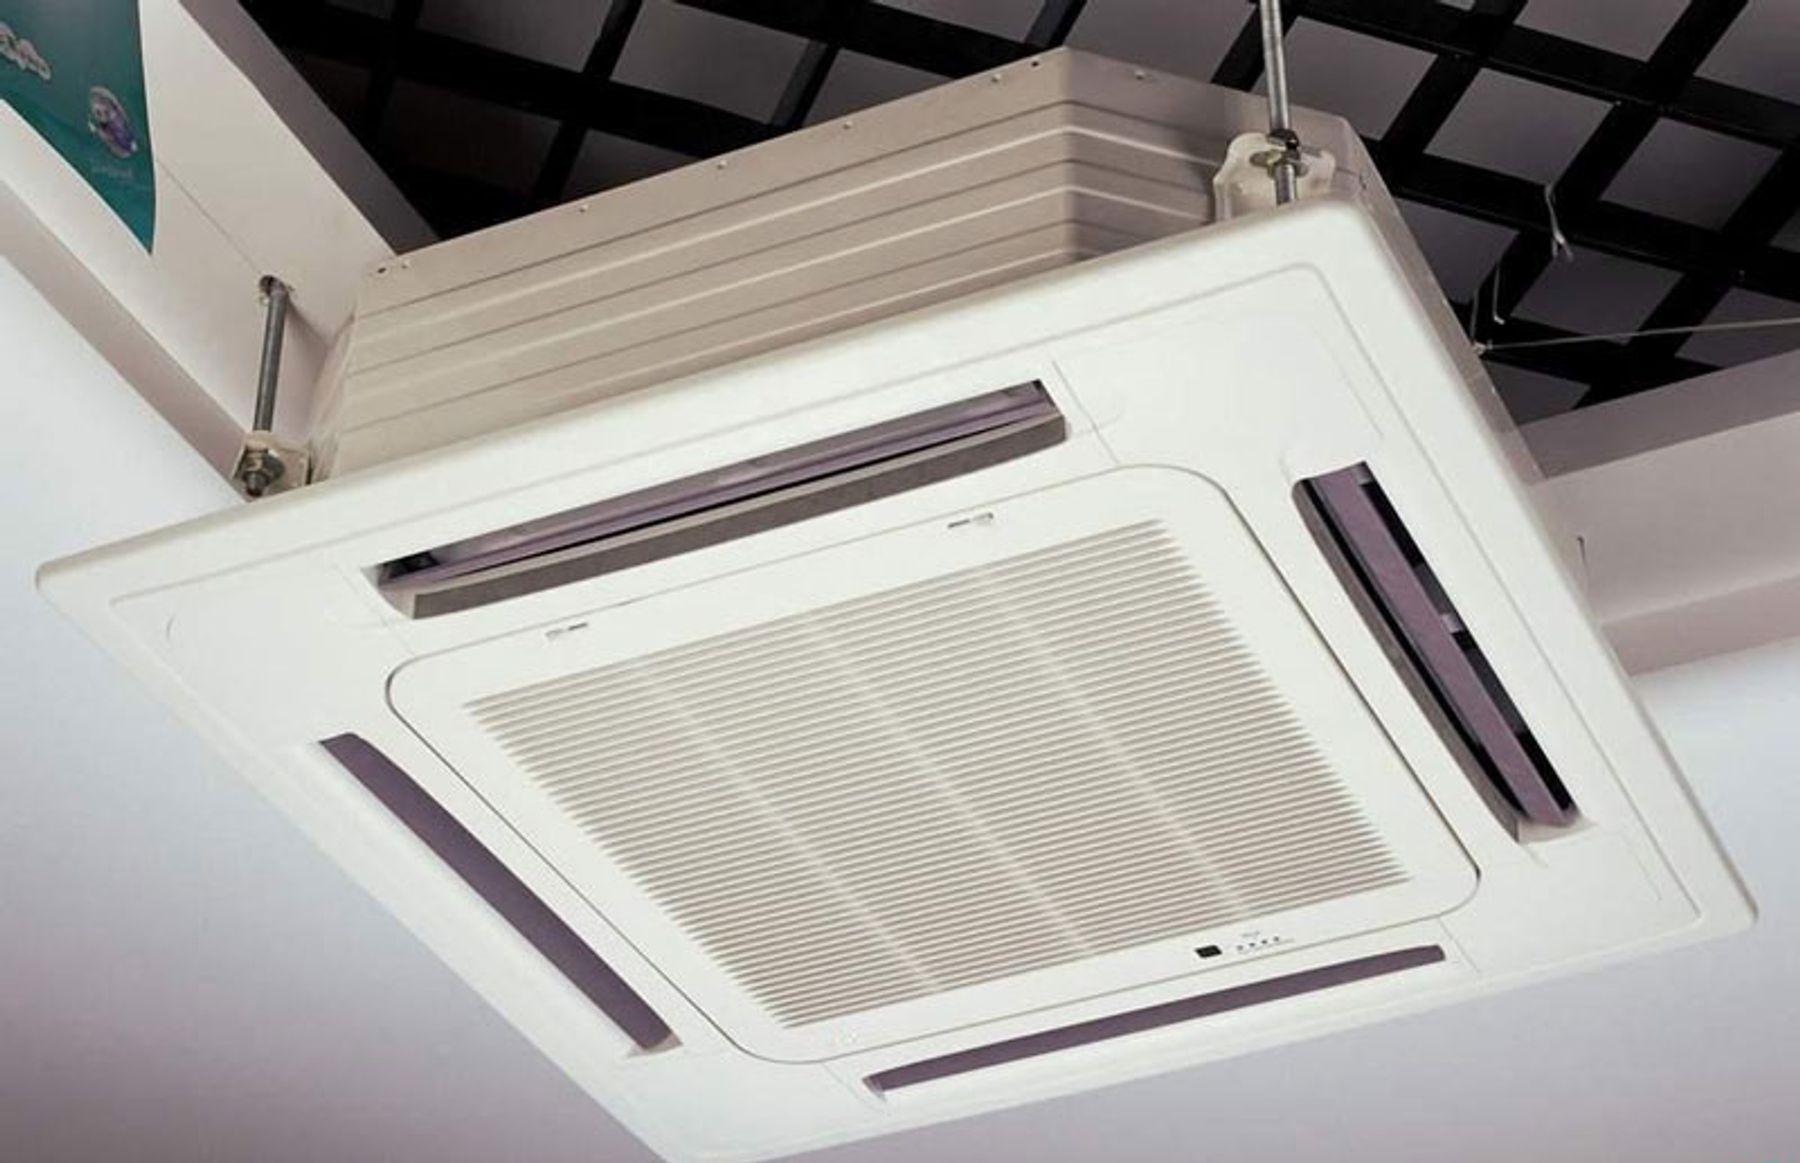 Máy lạnh âm trần là gì, có nên mua không?